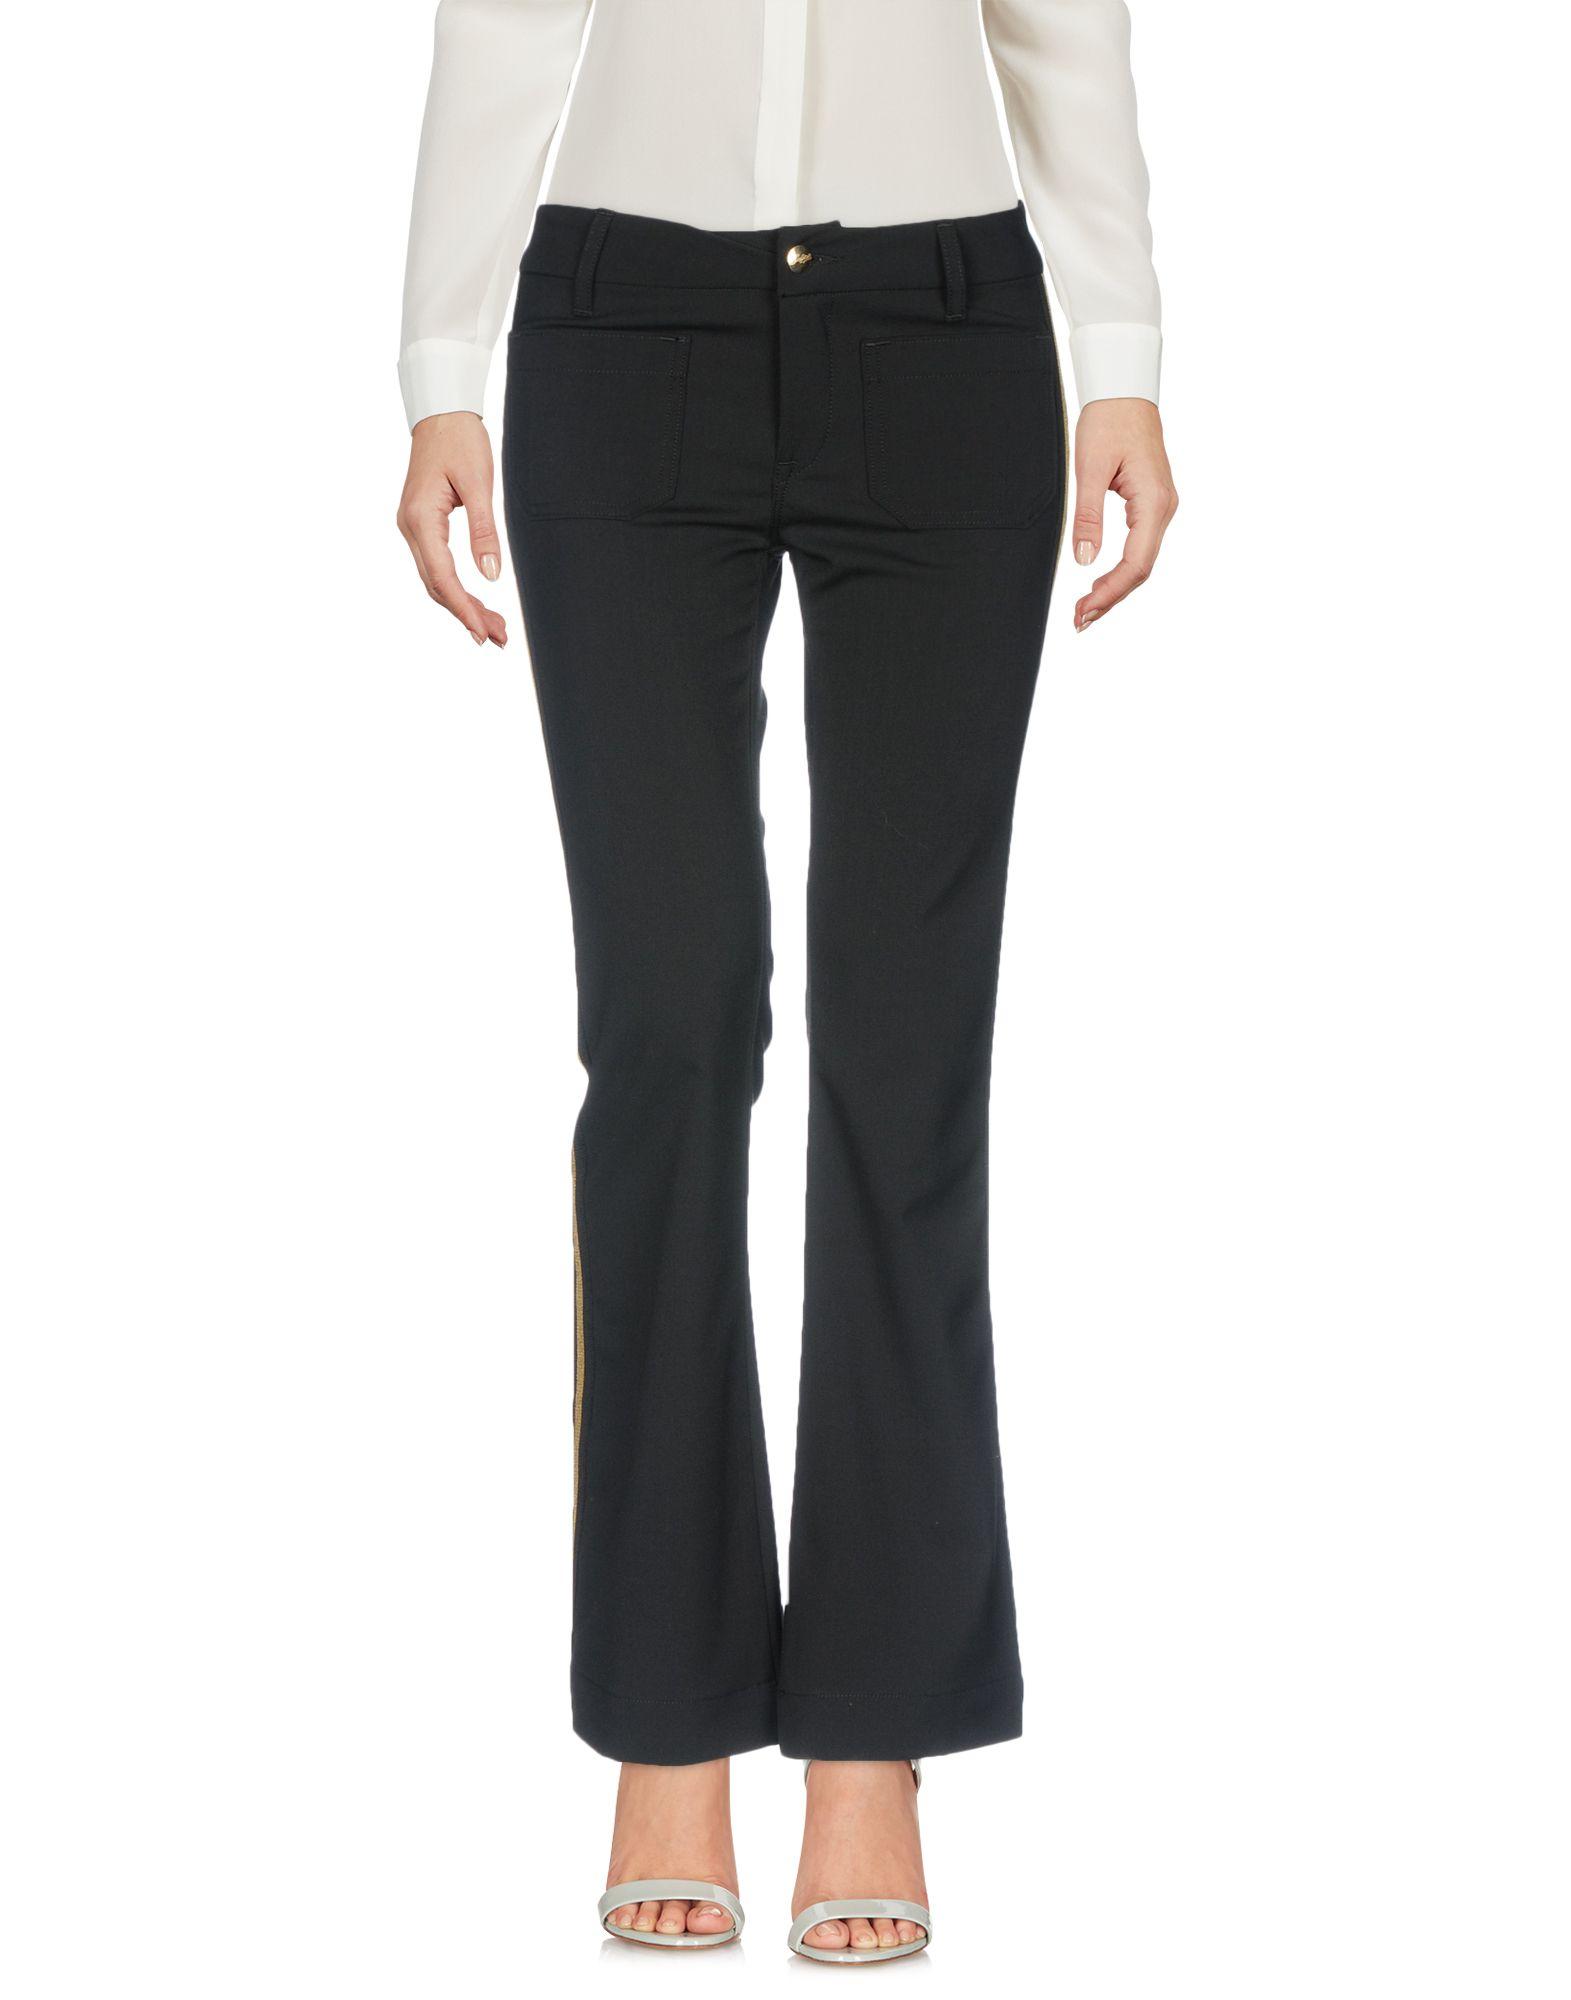 Pantalone The Seafarer Donna - Acquista online su